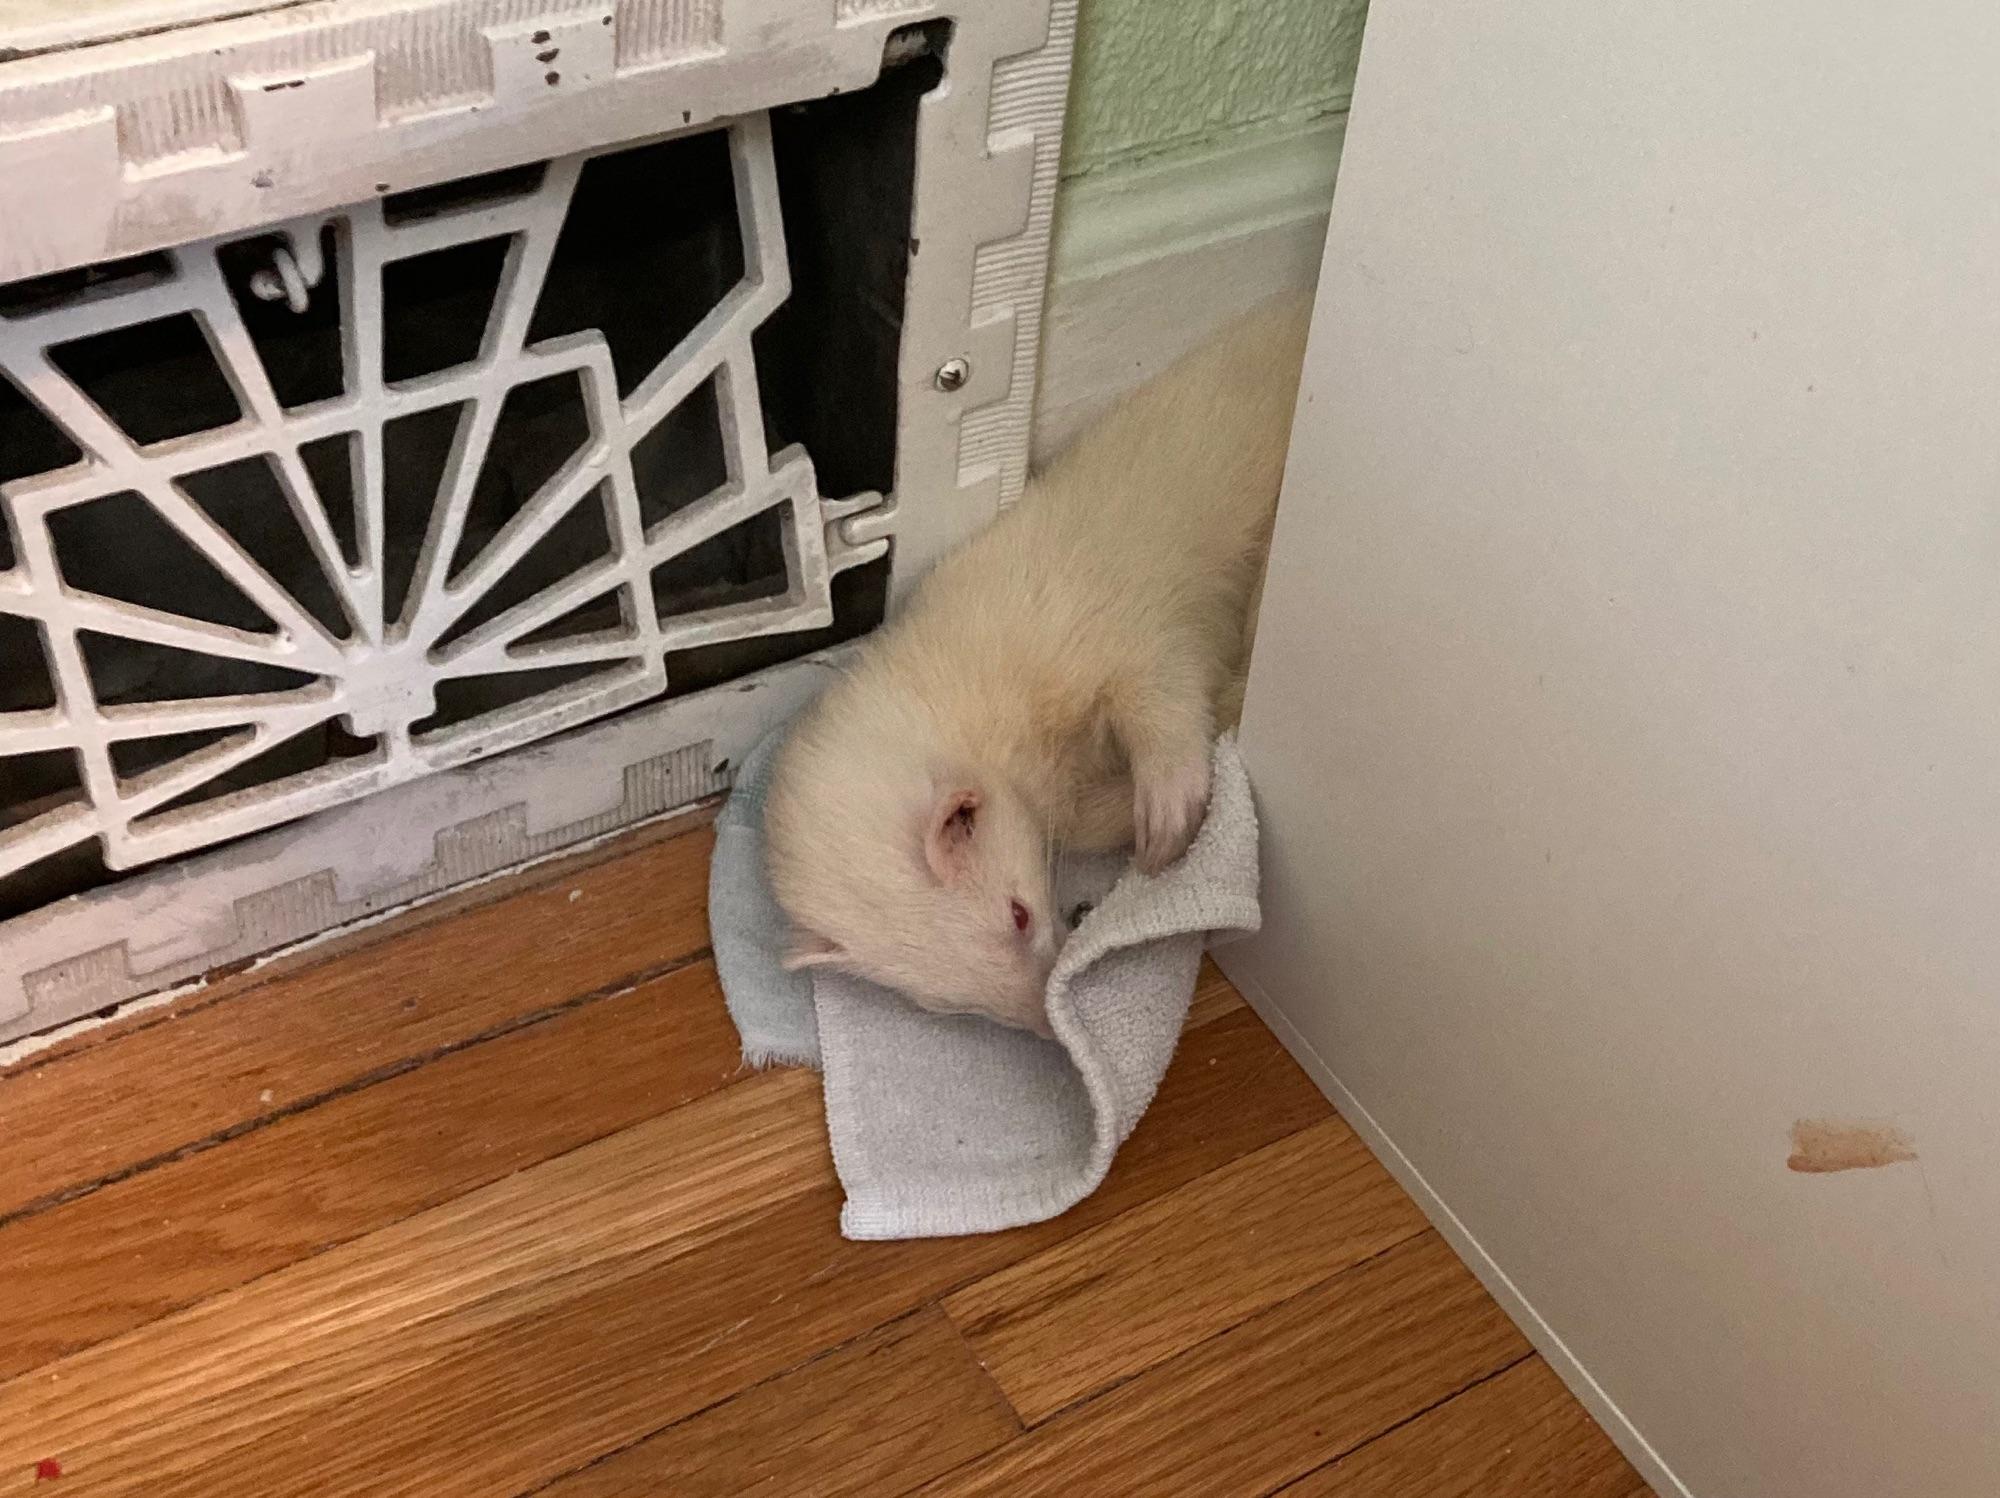 Watson the Weasel